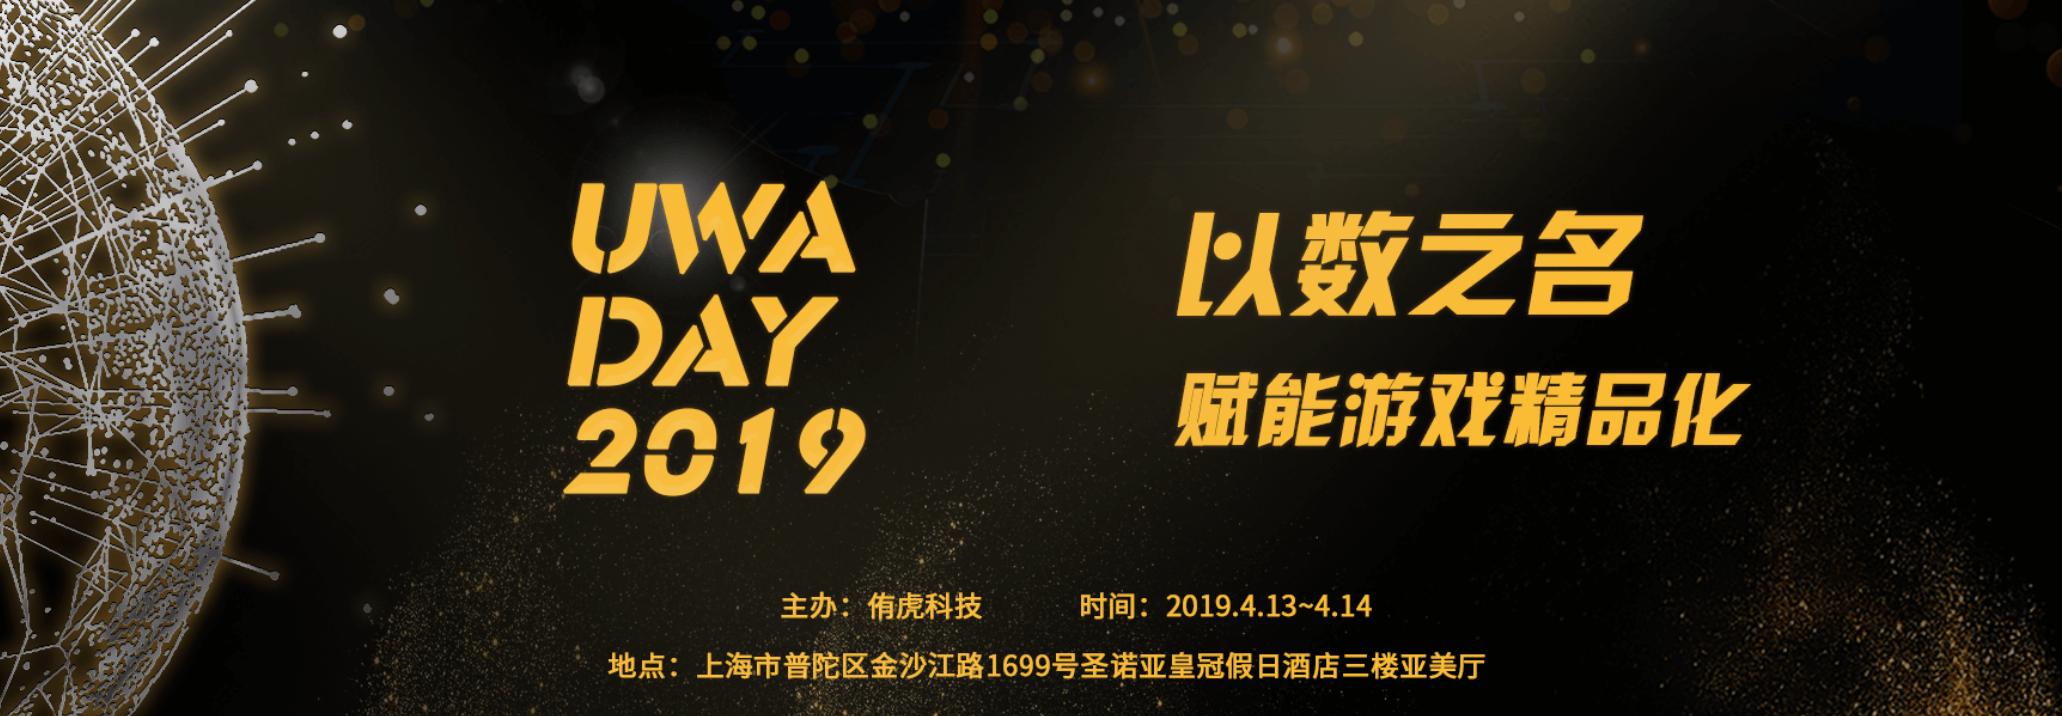 活动   UWA DAY 2019 开启报名!